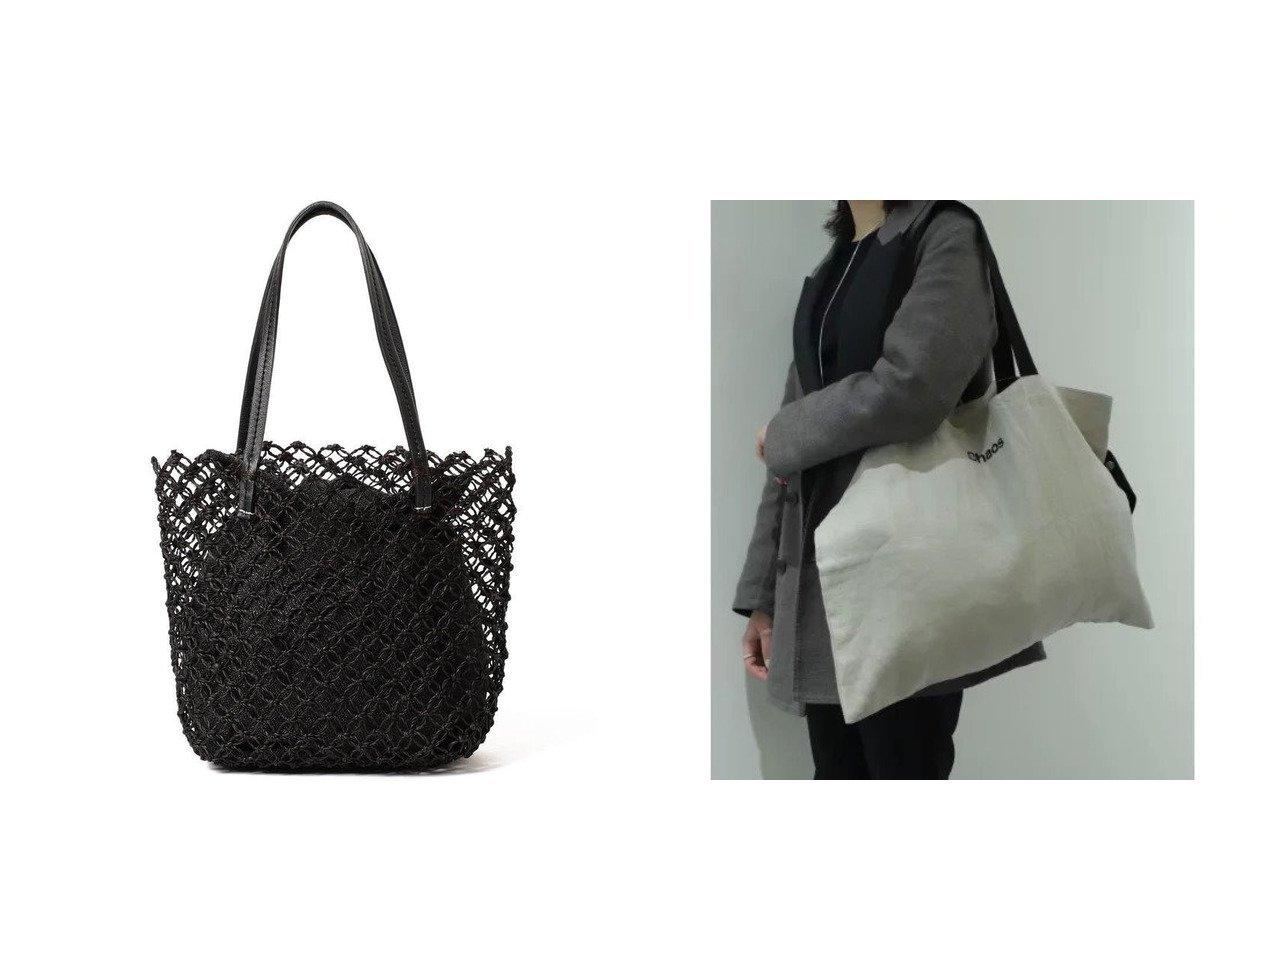 【Demi-Luxe BEAMS/デミルクス ビームス】のレース編み トートバッグ&【Chaos/カオス】のChaos ECOBAG 【バッグ・鞄】おすすめ!人気、トレンド・レディースファッションの通販 おすすめで人気の流行・トレンド、ファッションの通販商品 メンズファッション・キッズファッション・インテリア・家具・レディースファッション・服の通販 founy(ファニー) https://founy.com/ ファッション Fashion レディースファッション WOMEN バッグ Bag クラシック スクエア フォルム モダン レース 再入荷 Restock/Back in Stock/Re Arrival 巾着 コンパクト リネン |ID:crp329100000036740